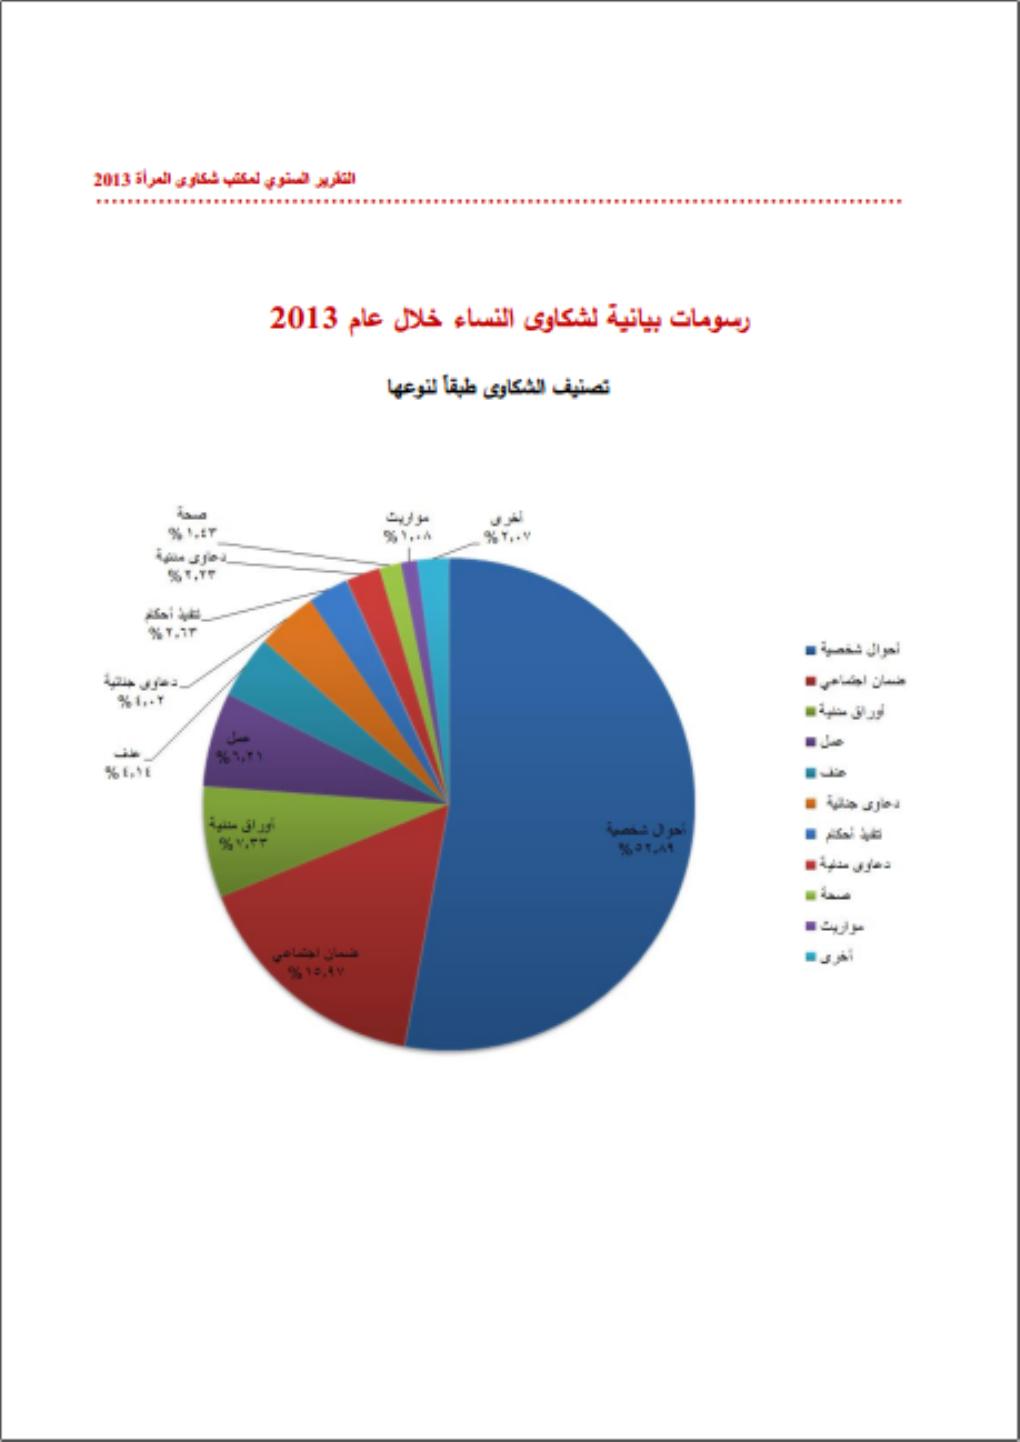 التقرير السنوى لمكتب شكاوي المرأة ومتابعتها لسنة 2013